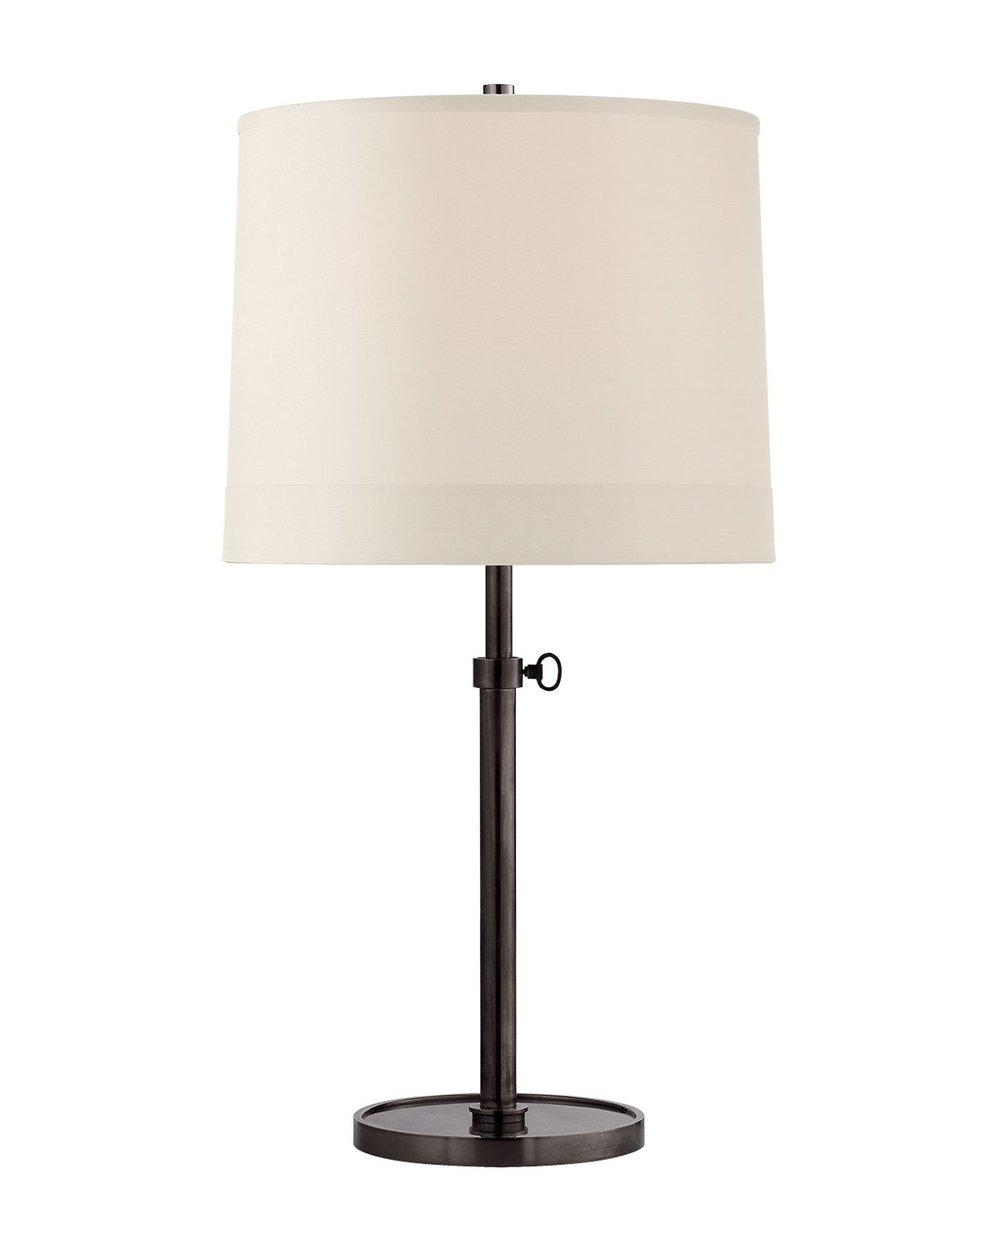 Simple_Adjustable_Table_Lamp_3.jpg